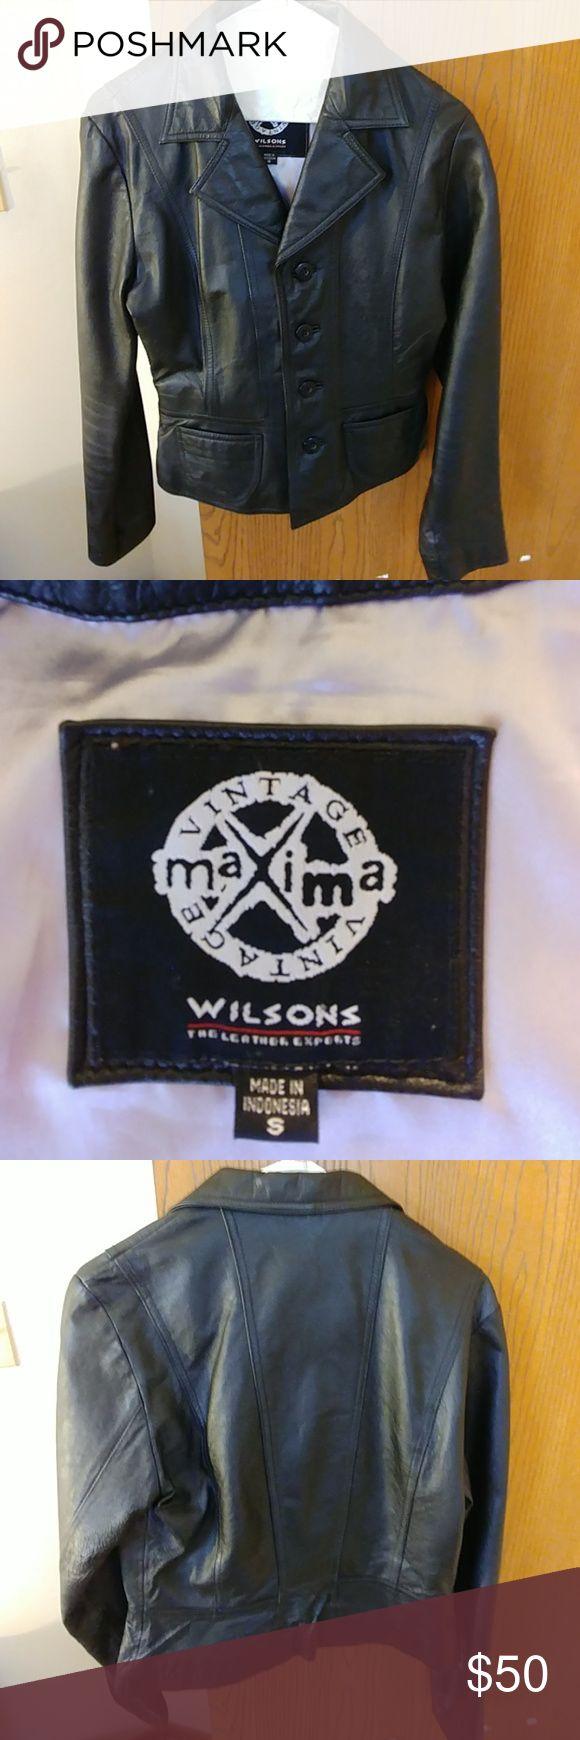 Wilsons genuine leather Maxima Vintage jacket Vintage